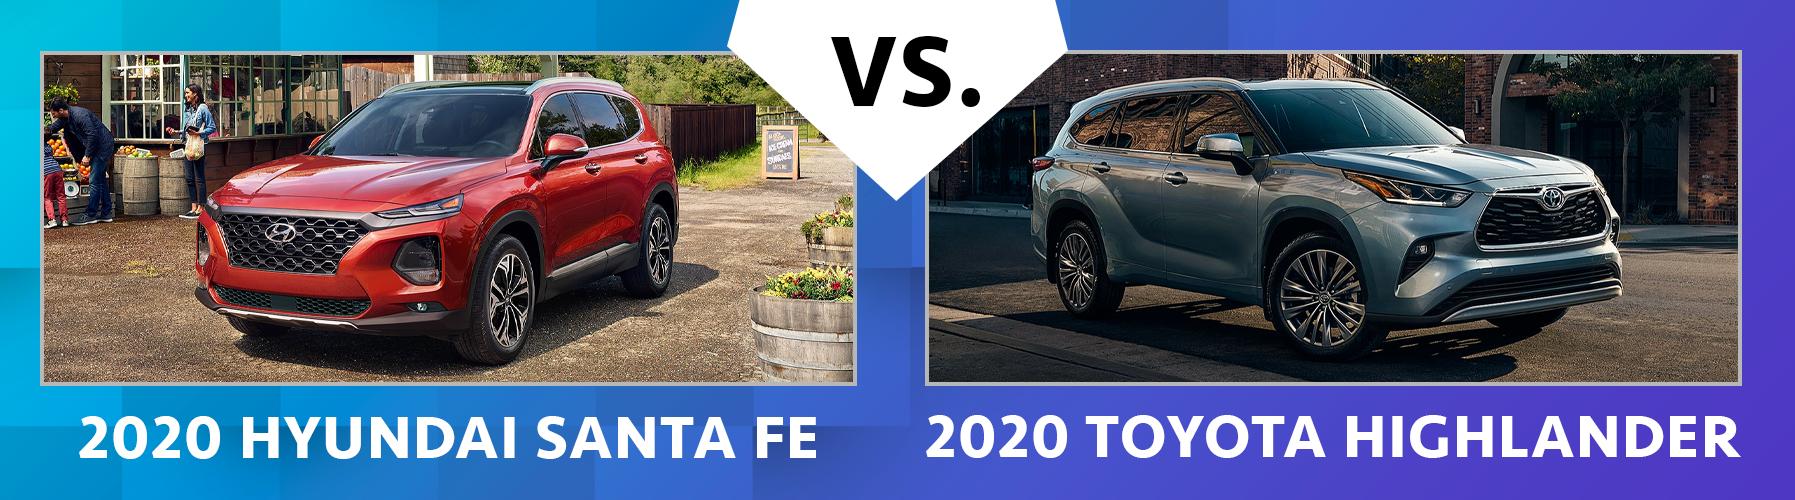 Test Drive the 2020 Hyundai Santa Fe at Family Hyundai Tinley Park